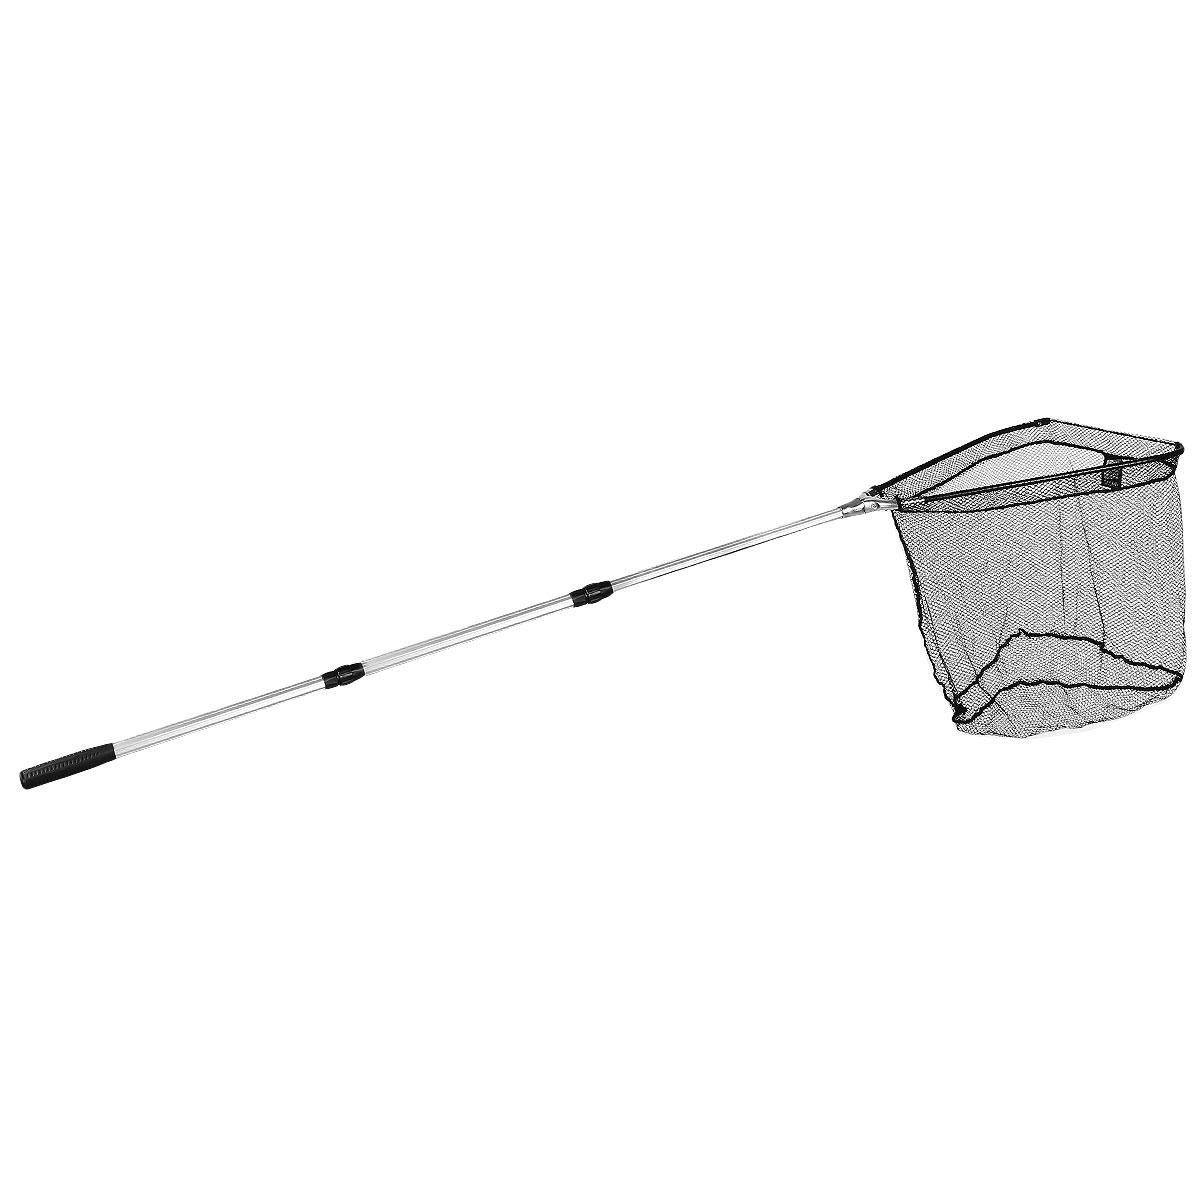 Подсачек складной Salmo, телескопический, 250 см х 77 см х 64 см7503-250Подсачек - важная деталь снаряжения любого рыболова. Удобный складной подсачек с треугольной формой сачка и телескопической ручкой. Размер ячейки 0,8 см х 0,8 см. На ручке расположен фиксатор для закрепления на поясе.Материал: металл, капрон.